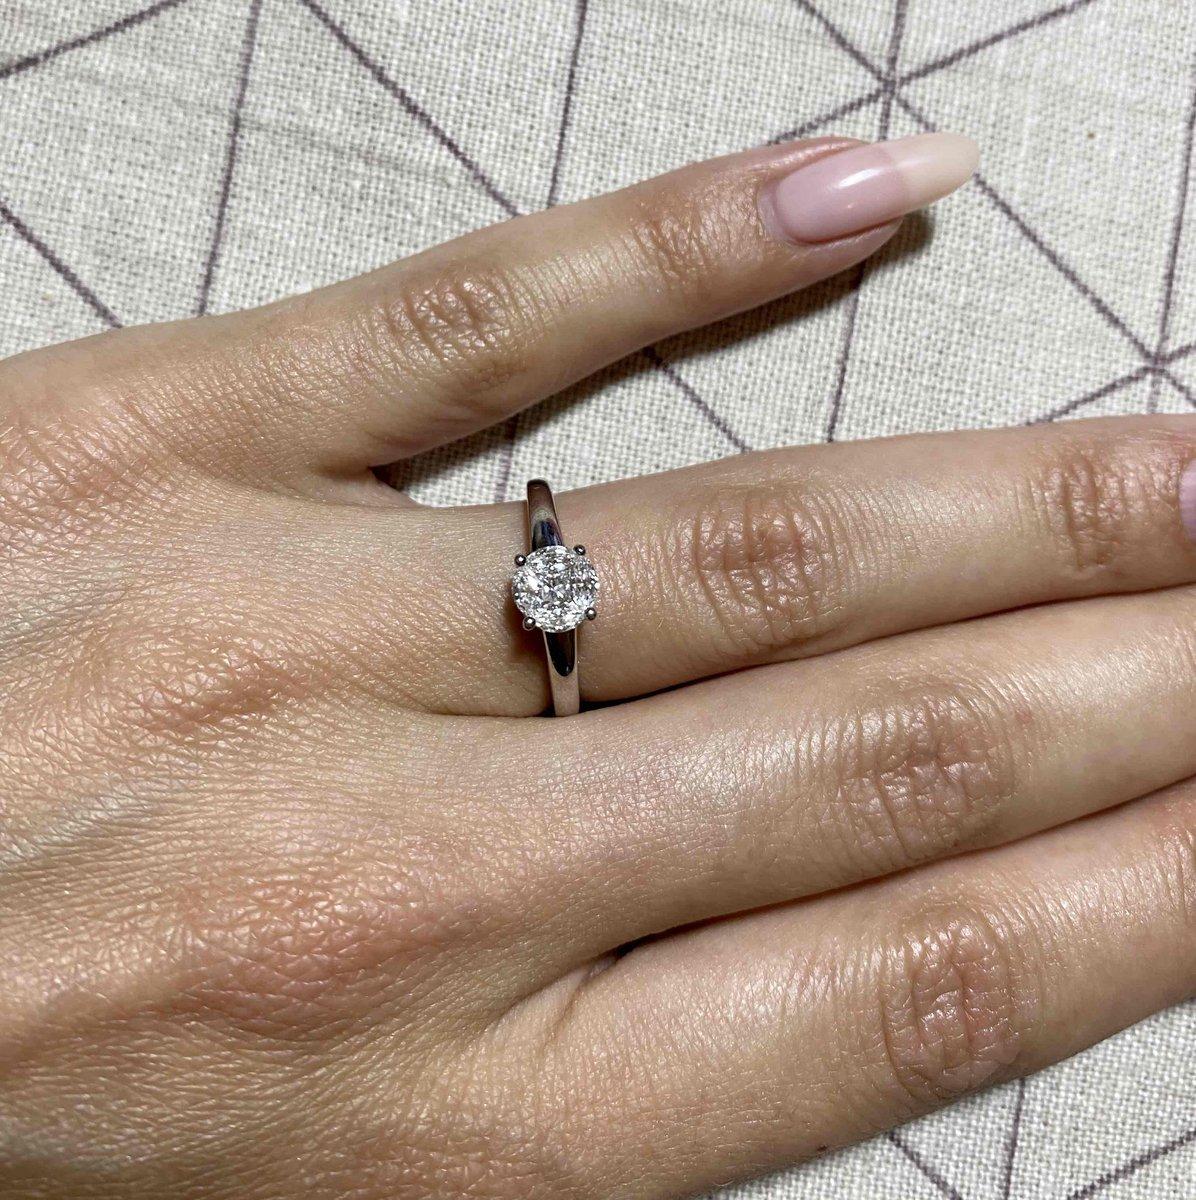 Шикарное помолвочное кольцо! очень красиво блестят камни!